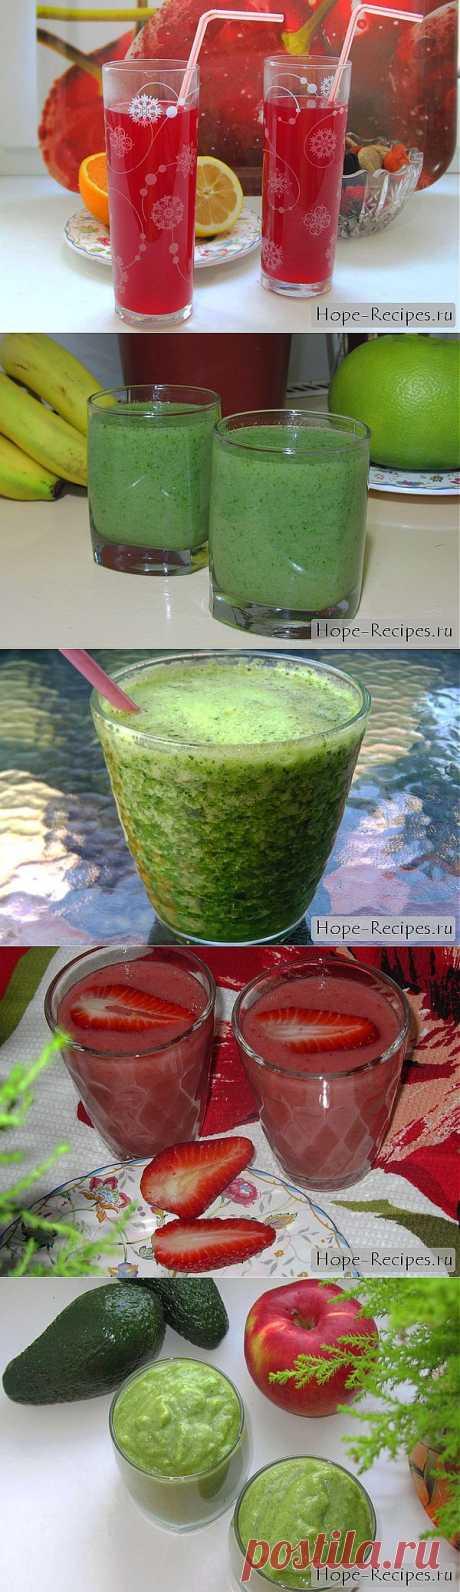 Напитки © Кулинарный блог Рецепты Надежды